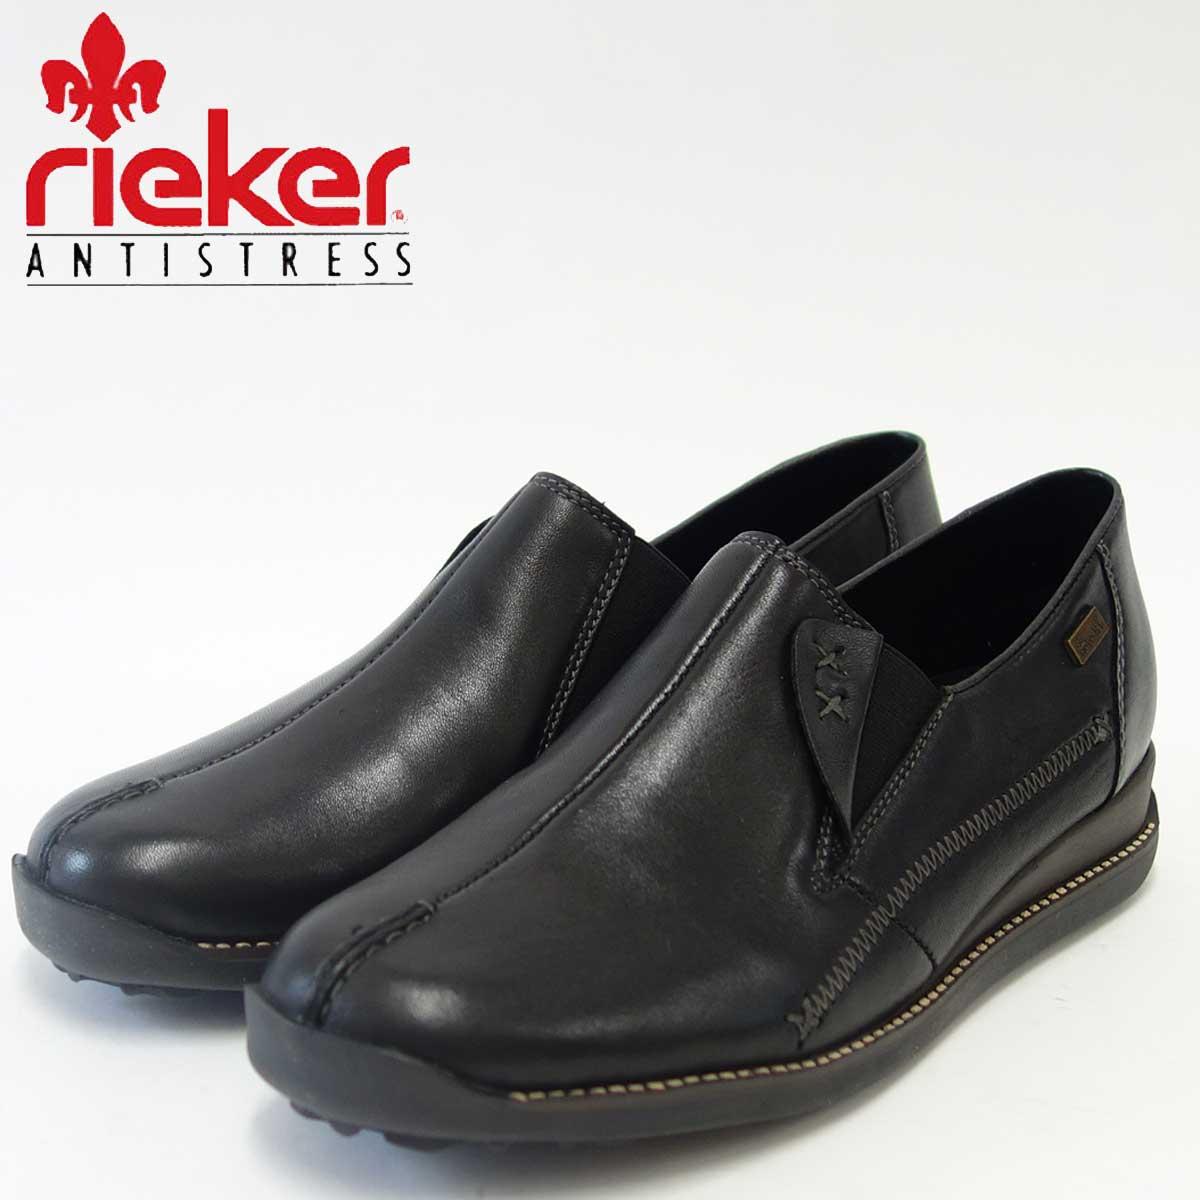 日本未入荷 rieker リーカー 44253 ブラック防水素材内蔵のレザースリッポン天然皮革の快適フラットシューズ「靴」